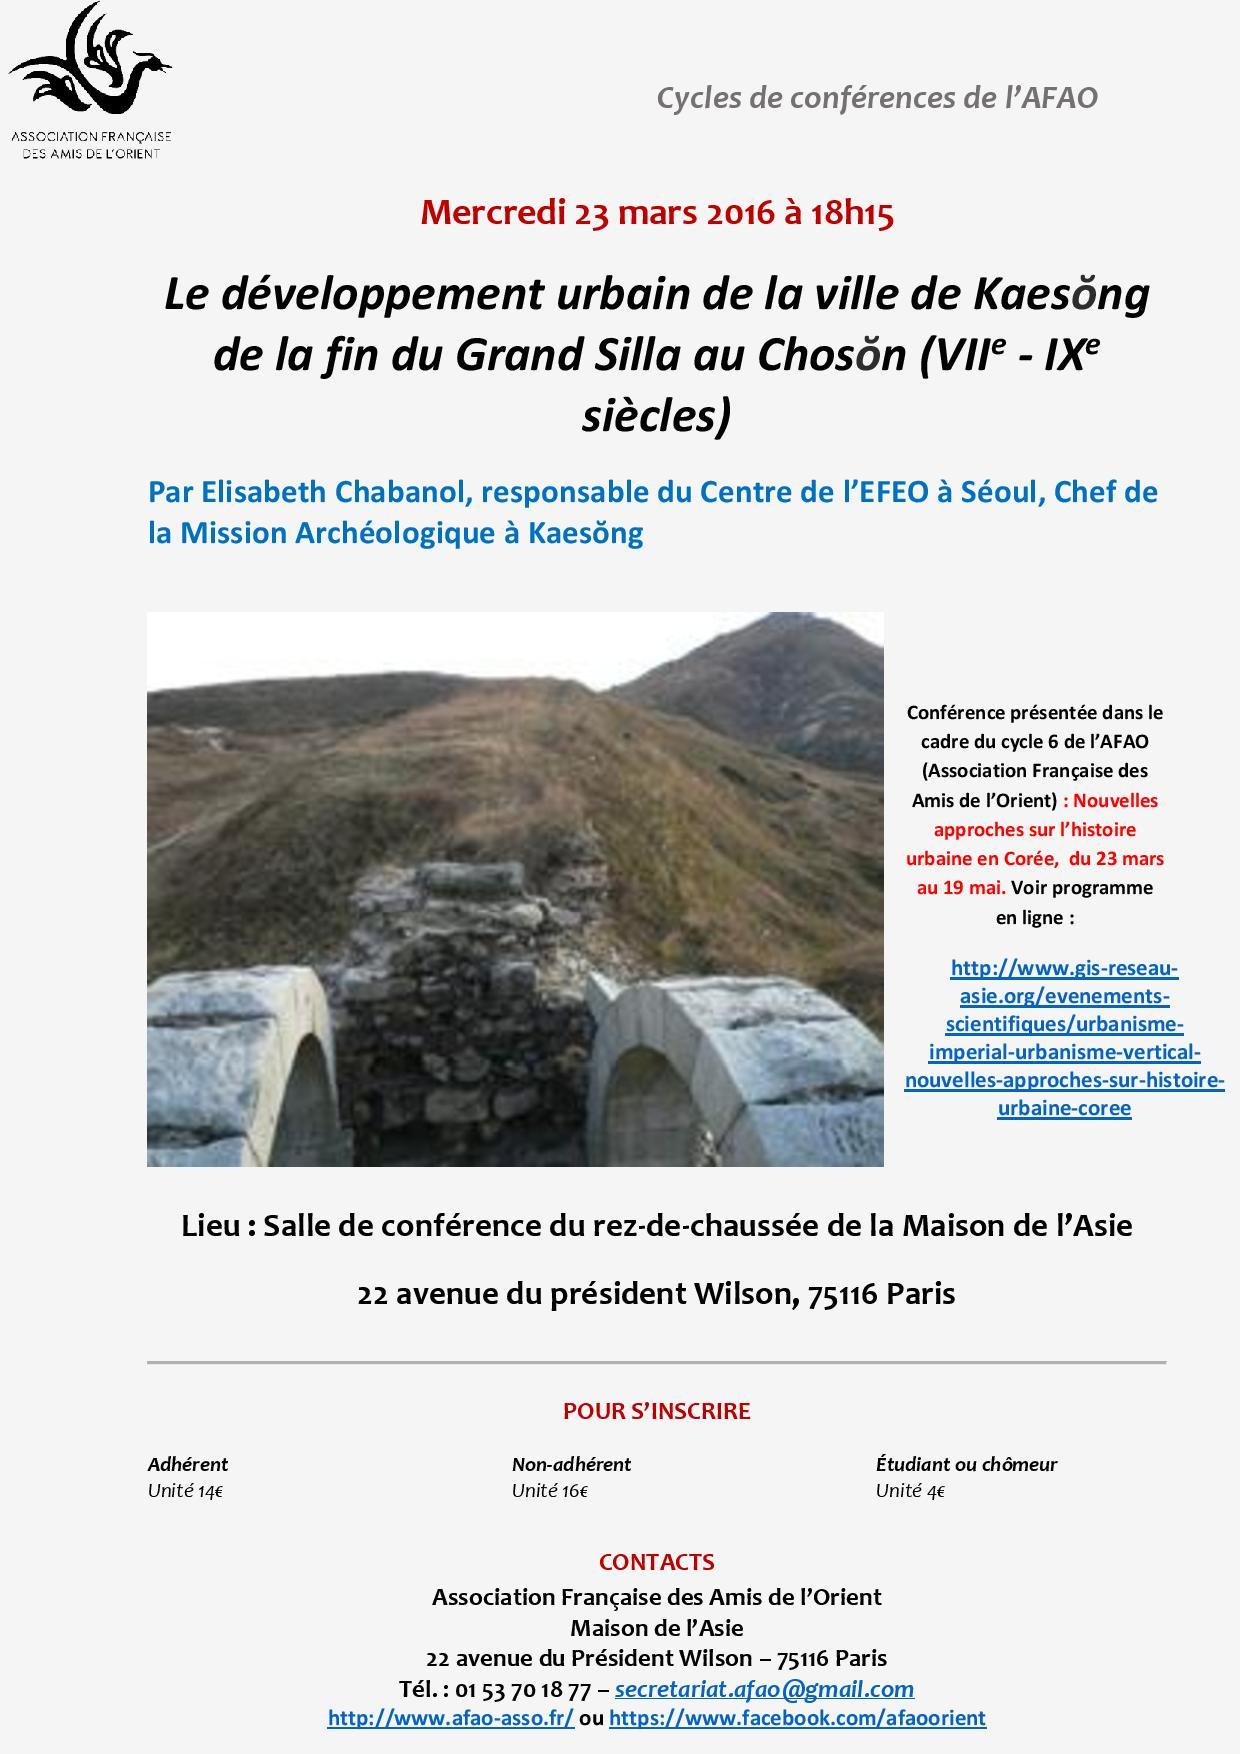 Conférence - chabanol - 23 mars - AFAO